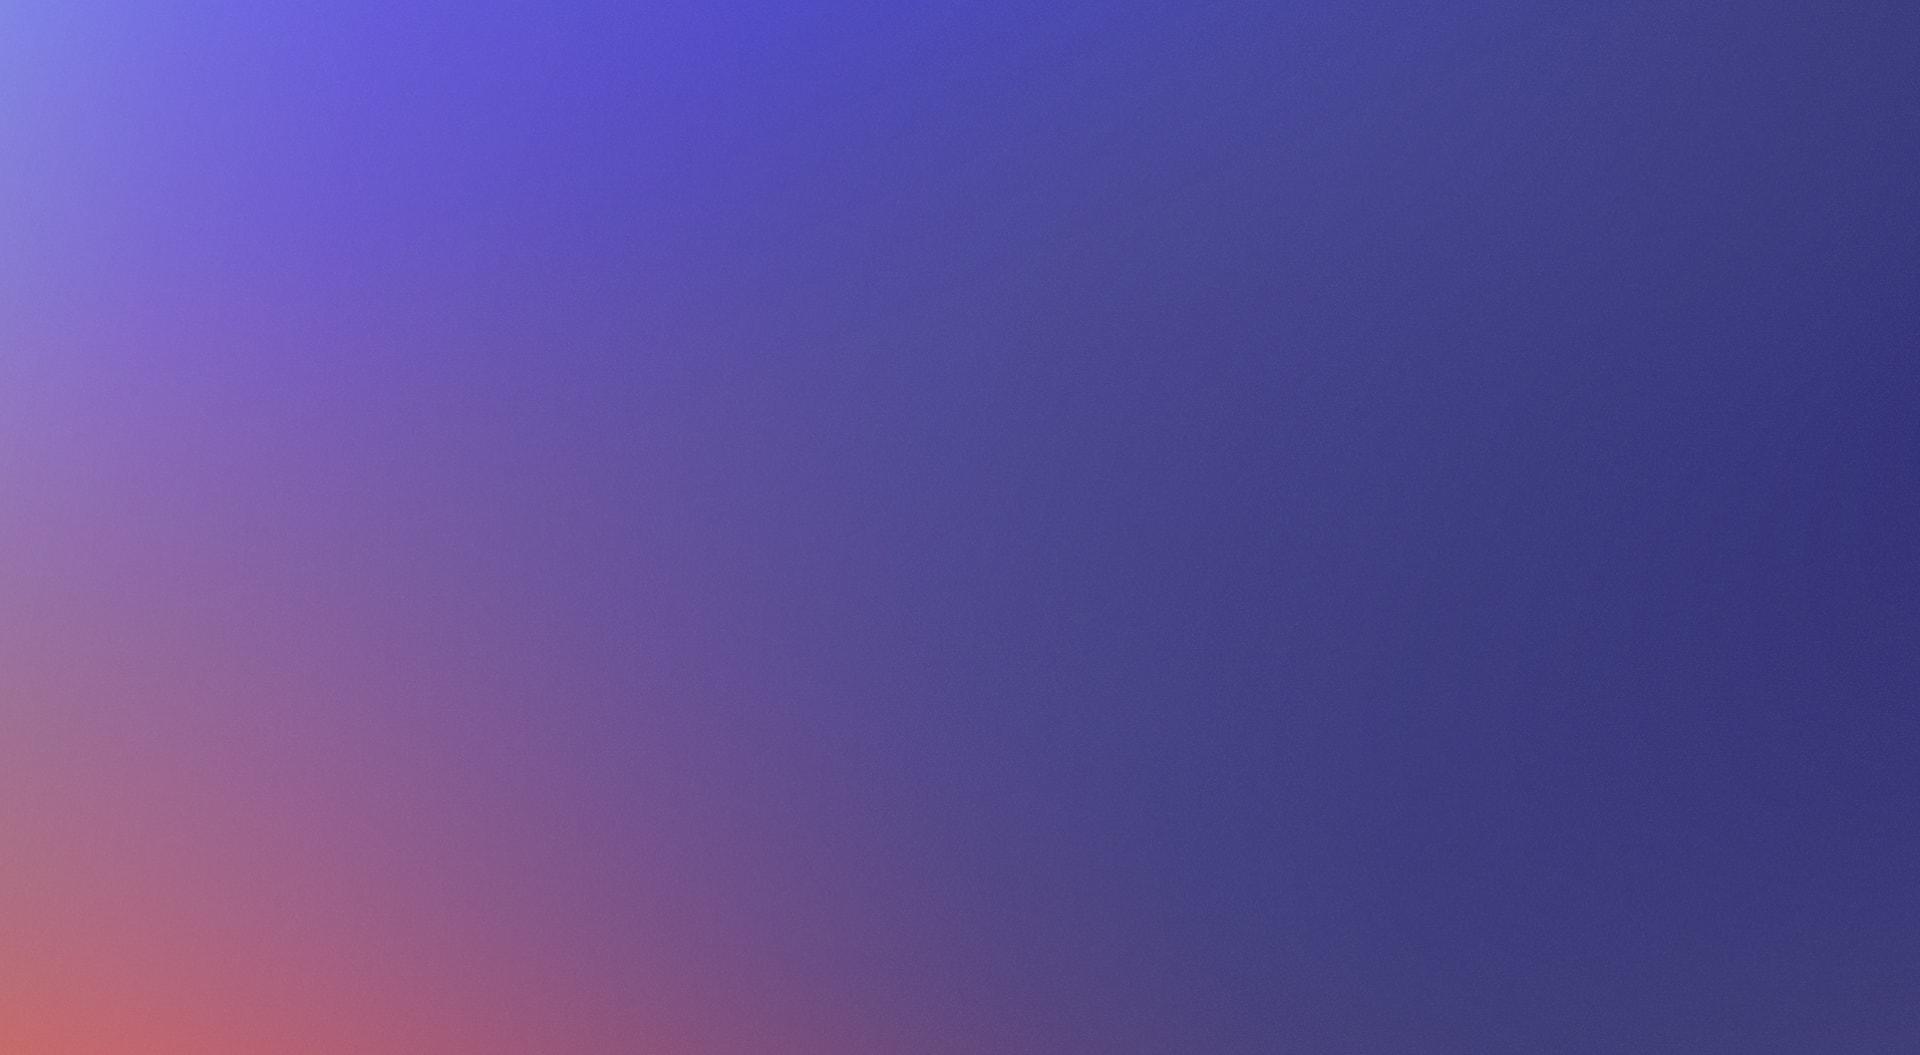 Revolve gradient